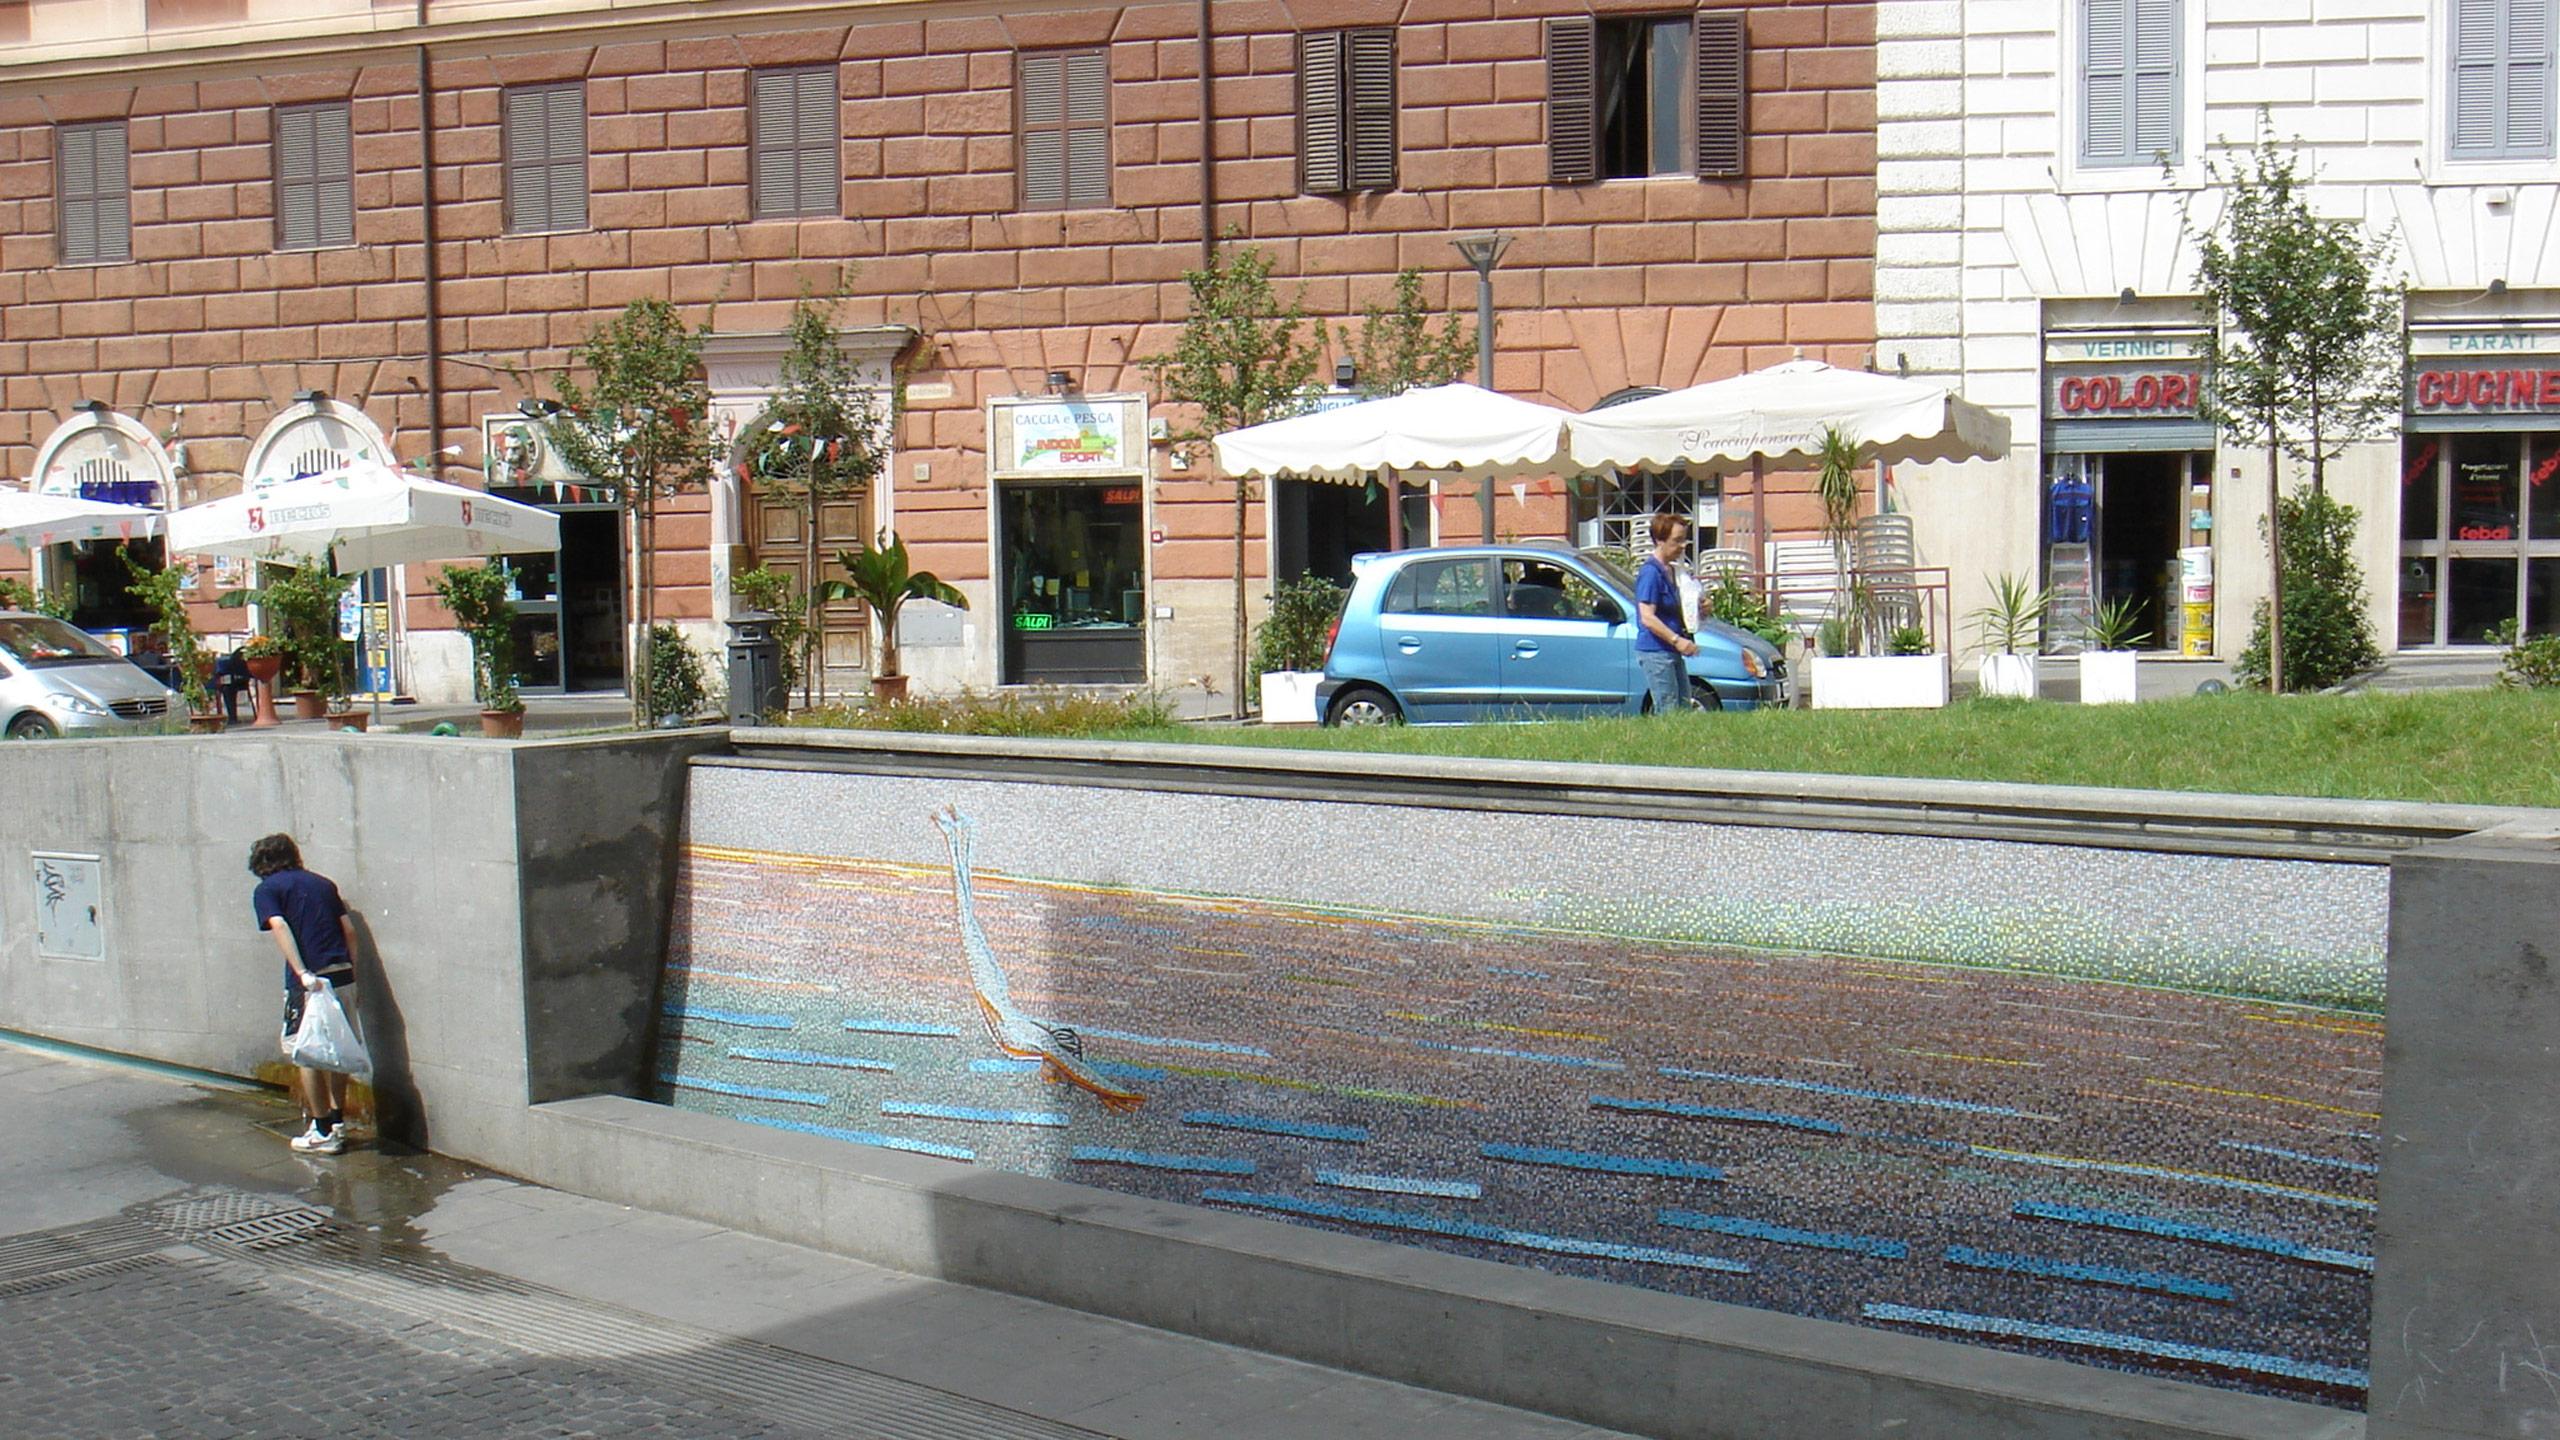 Visitare Roma: Piazza San Cosimato in Trastevere, uno dei luoghi più ...